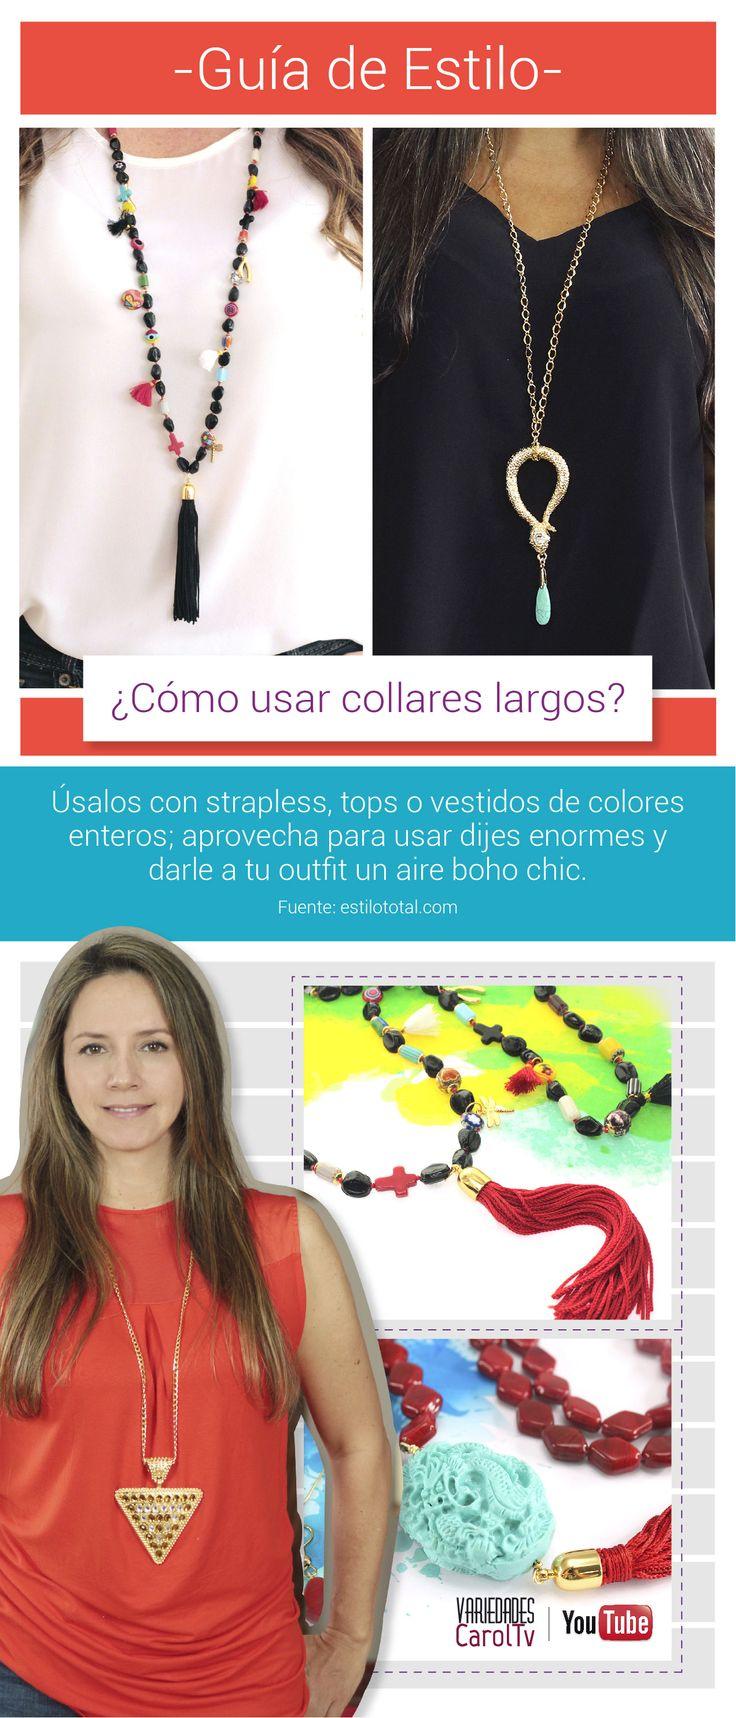 Te damos tips y te contamos la mejor manera de llevar tus accesorios como toda una diva :) Visita nuestro canal Variedades CarolTv haciendo clic en el pin y encuentra muchas ideas para que te inspires. #Bisutería #Insumos #Accesorios #Moda #Tendencia #Joyas #Color #Tendencias #Diseños #CarolTv #DIY #Pulseras #Collares #Dijes #2016 #Swarovski #Cadenas #Tejidos #Exclusivo #Colombia #Borlas #Diseñadores #Kit #Emprendedor #YouTube #Negocio